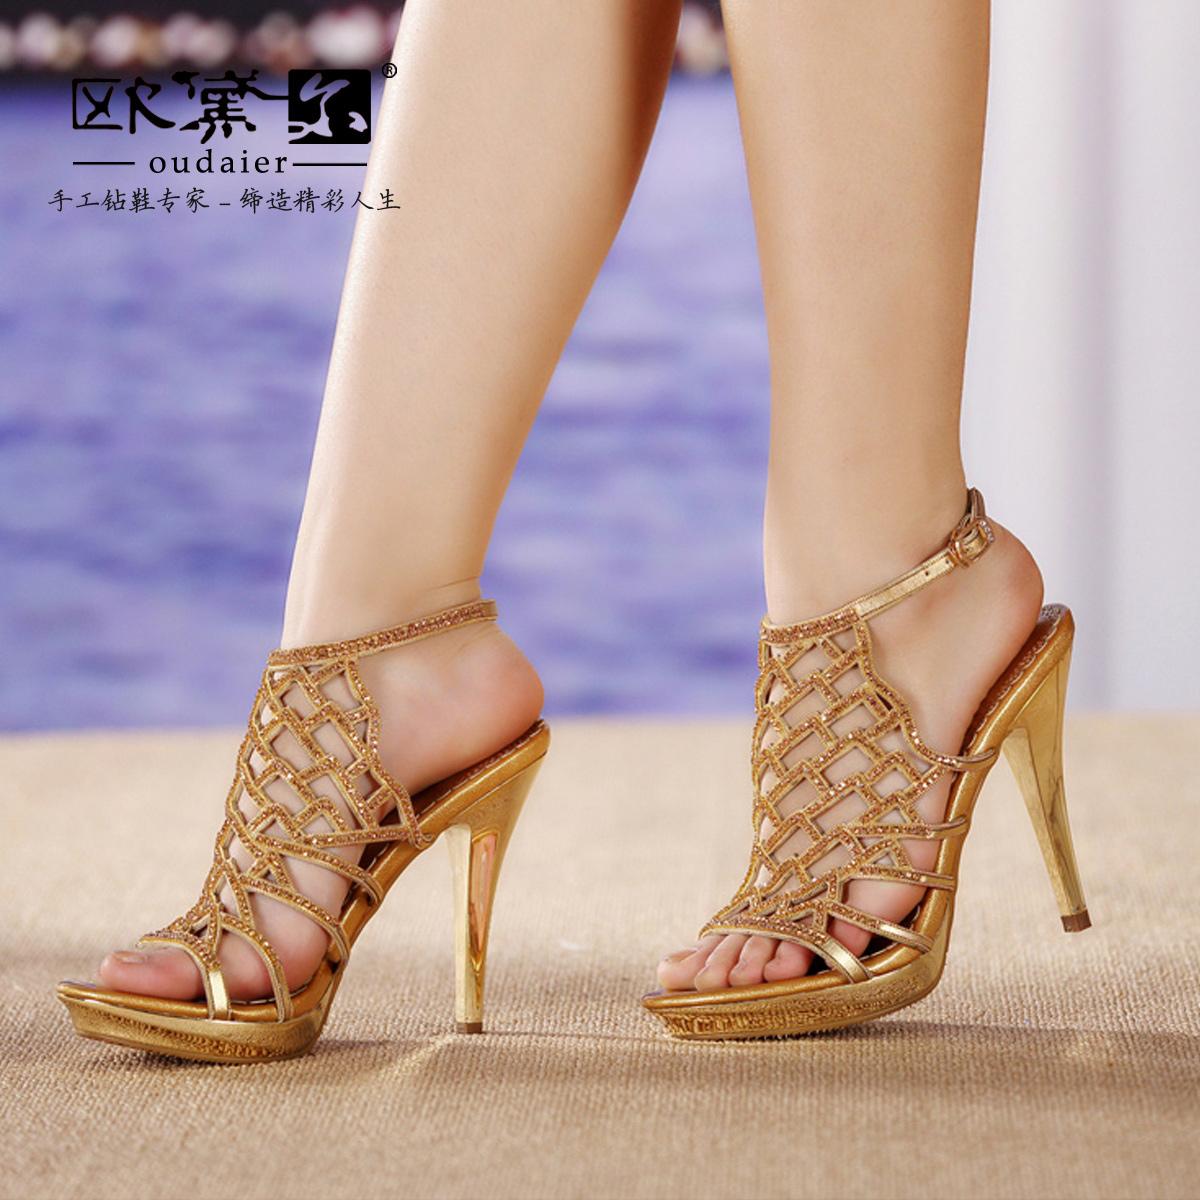 欧黛尔欧洲站真皮女鞋超级无敌性感奢华闪耀高跟宴会罗马水钻凉鞋